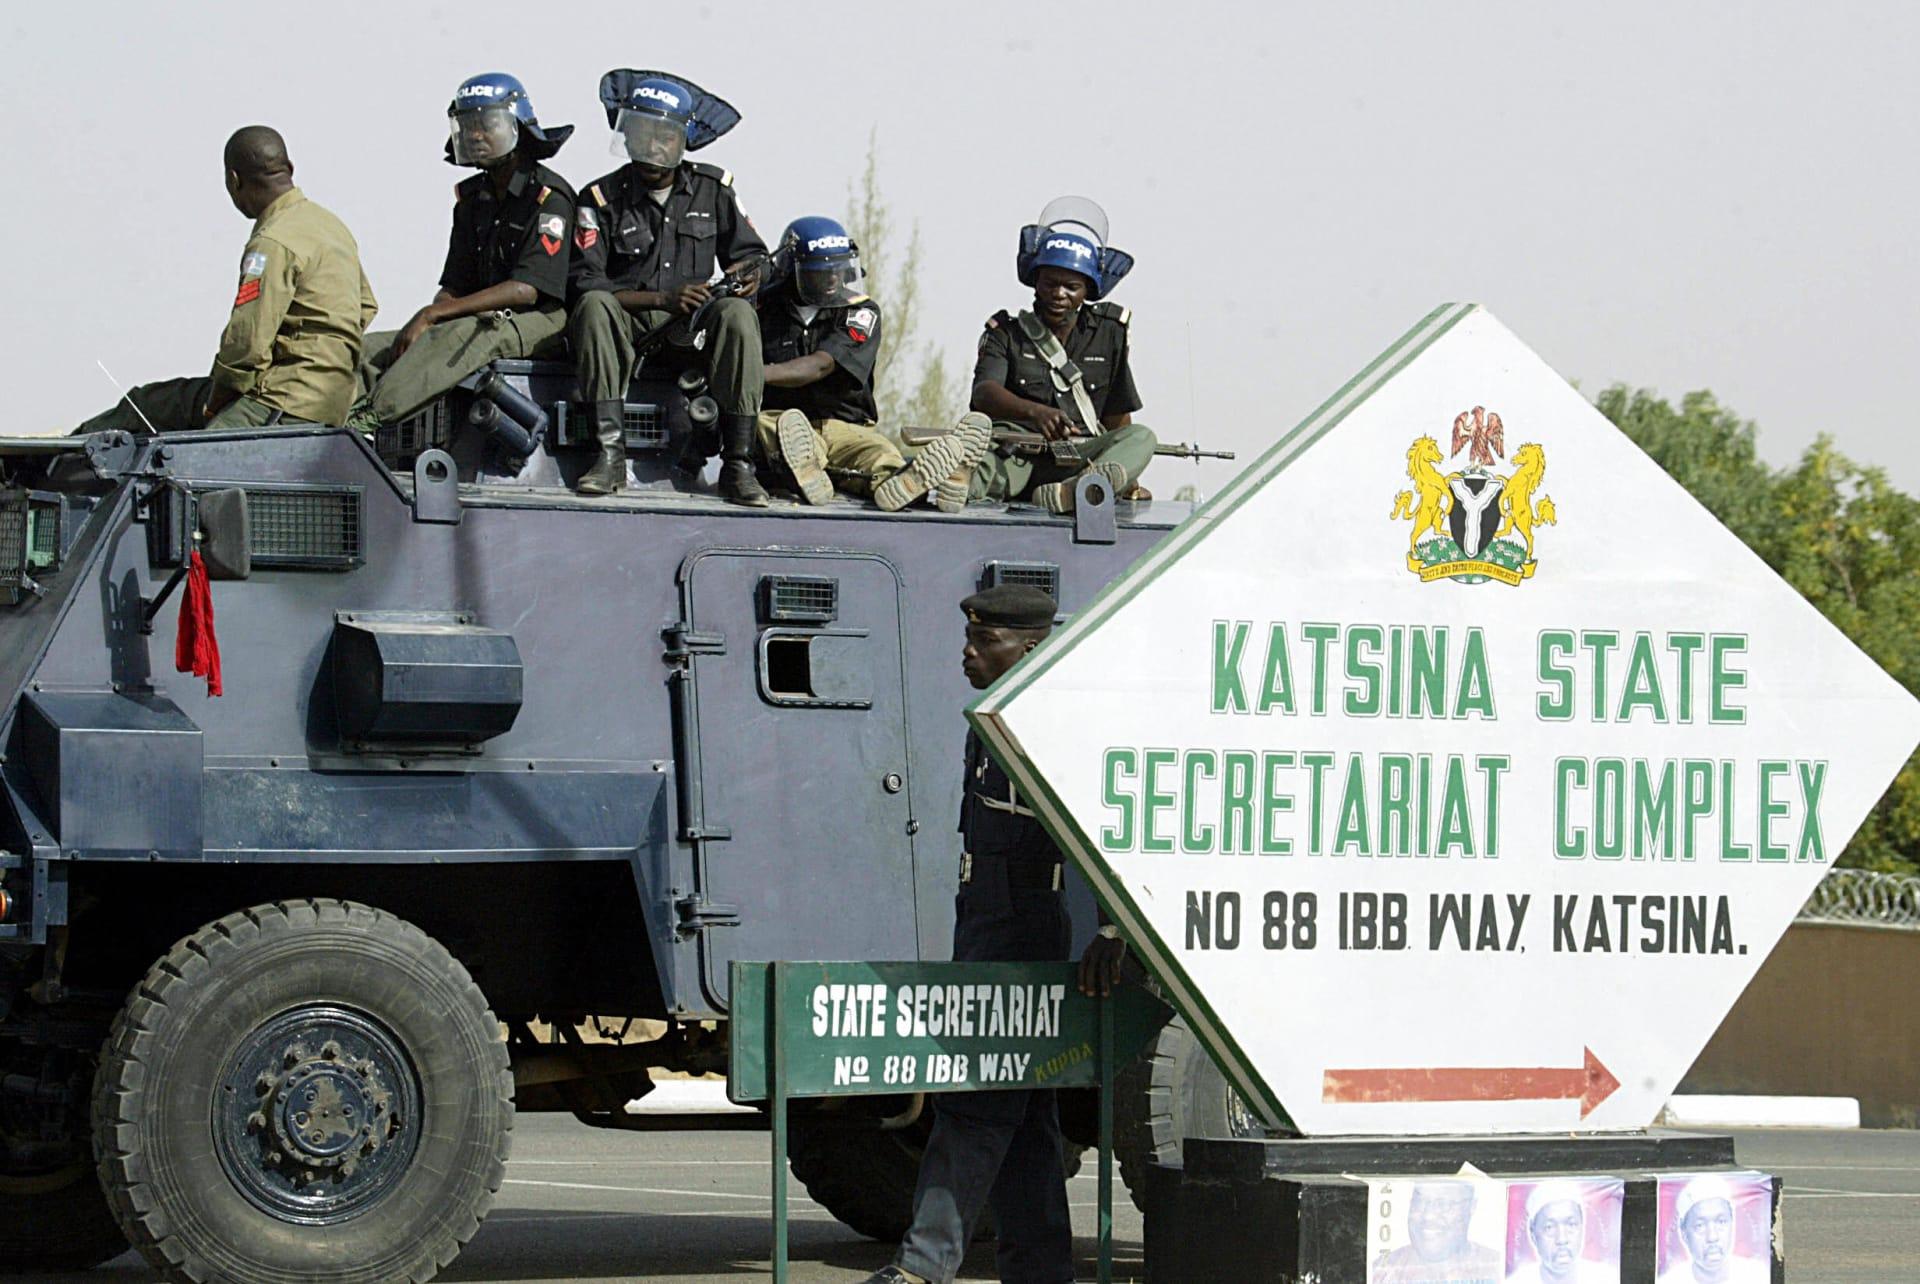 مسلحون يهاجمون مدرسة في نيجيريا.. ويختطفون عددا من طلابها